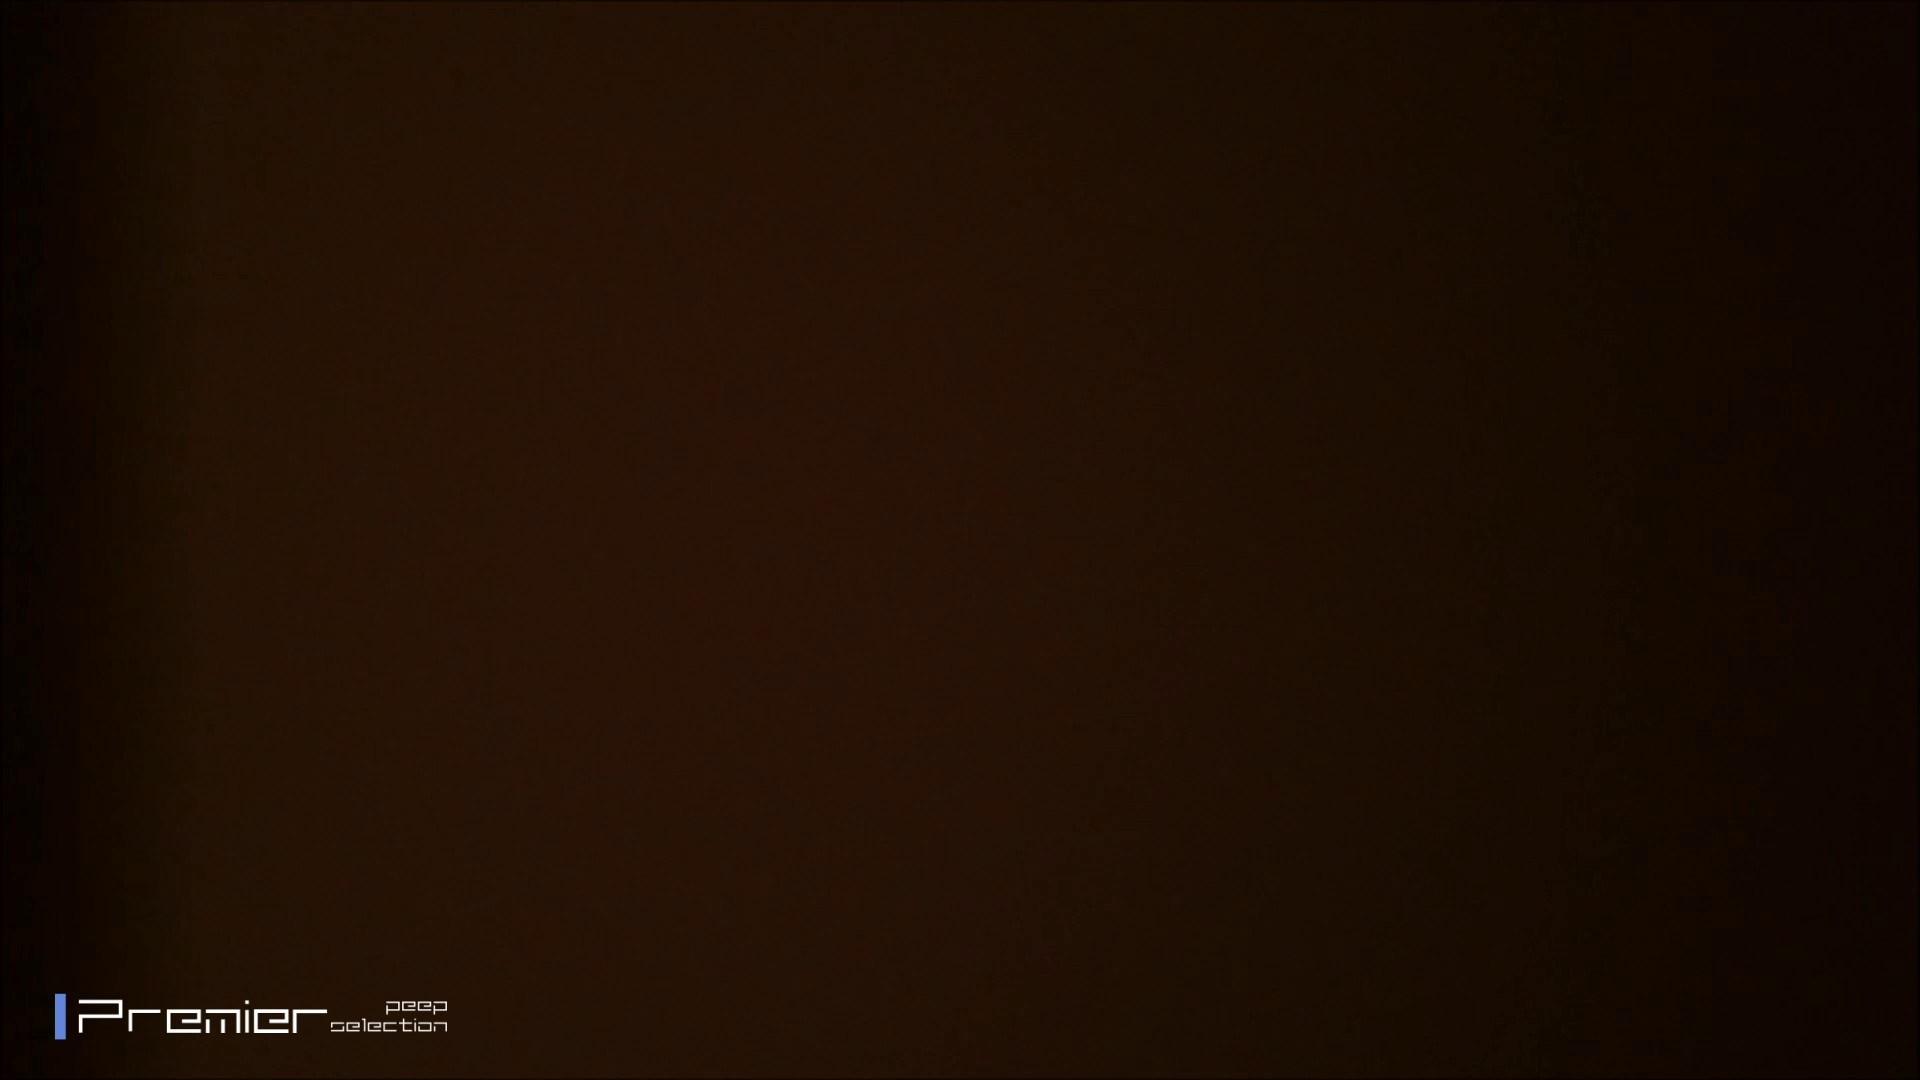 シャワーのお湯を跳ね返すお肌 乙女の風呂場 Vol.03 盗撮映像大放出 セックス画像 98連発 81